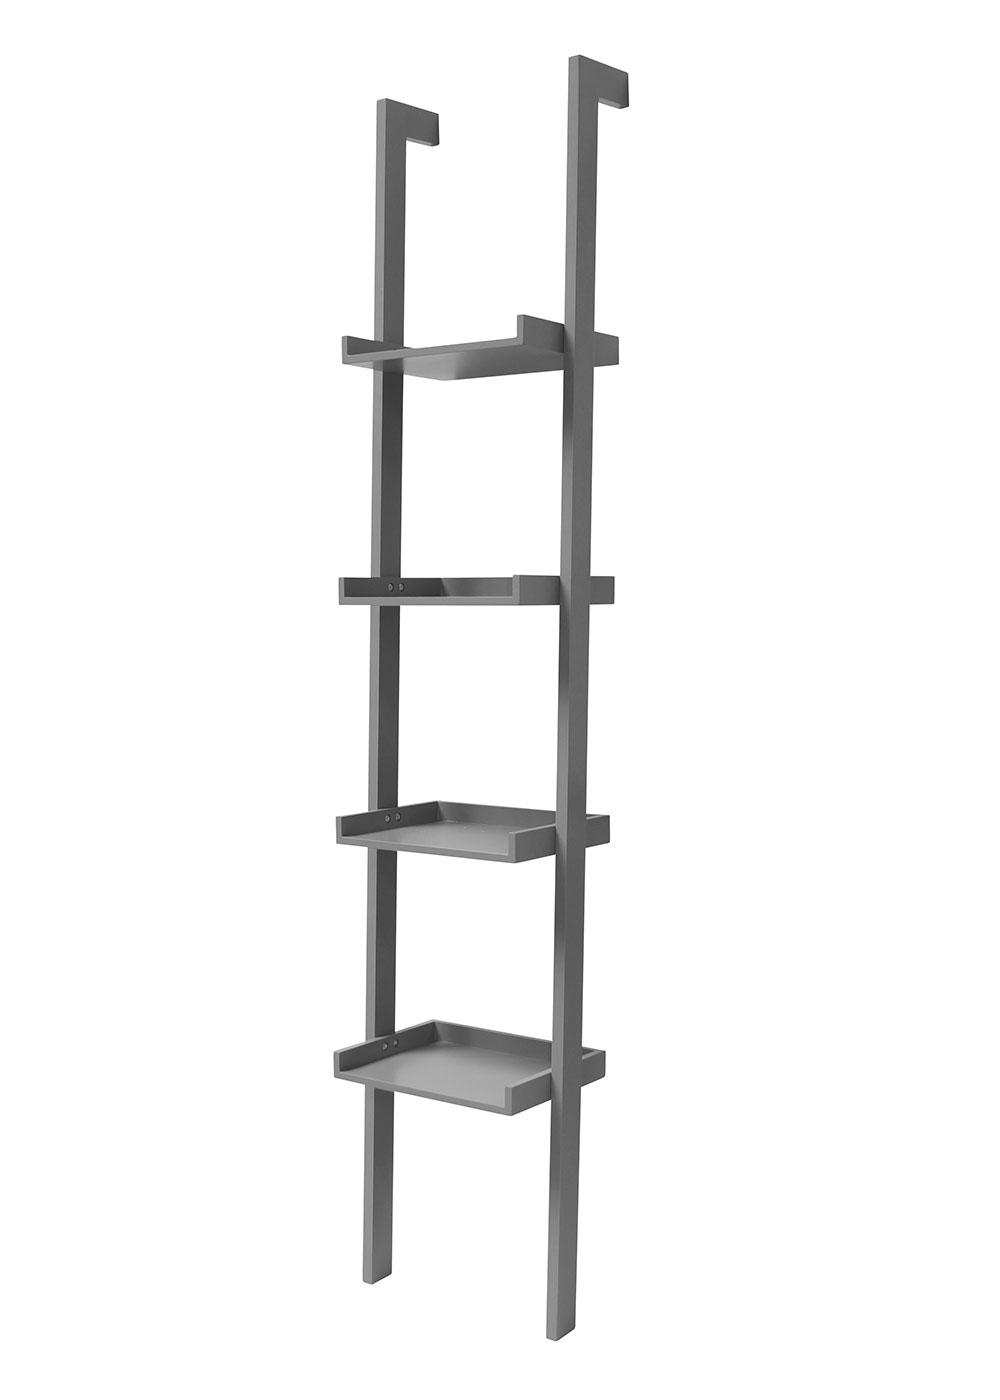 Nástěnný regál / knihovna Flake, 37 cm, barevný